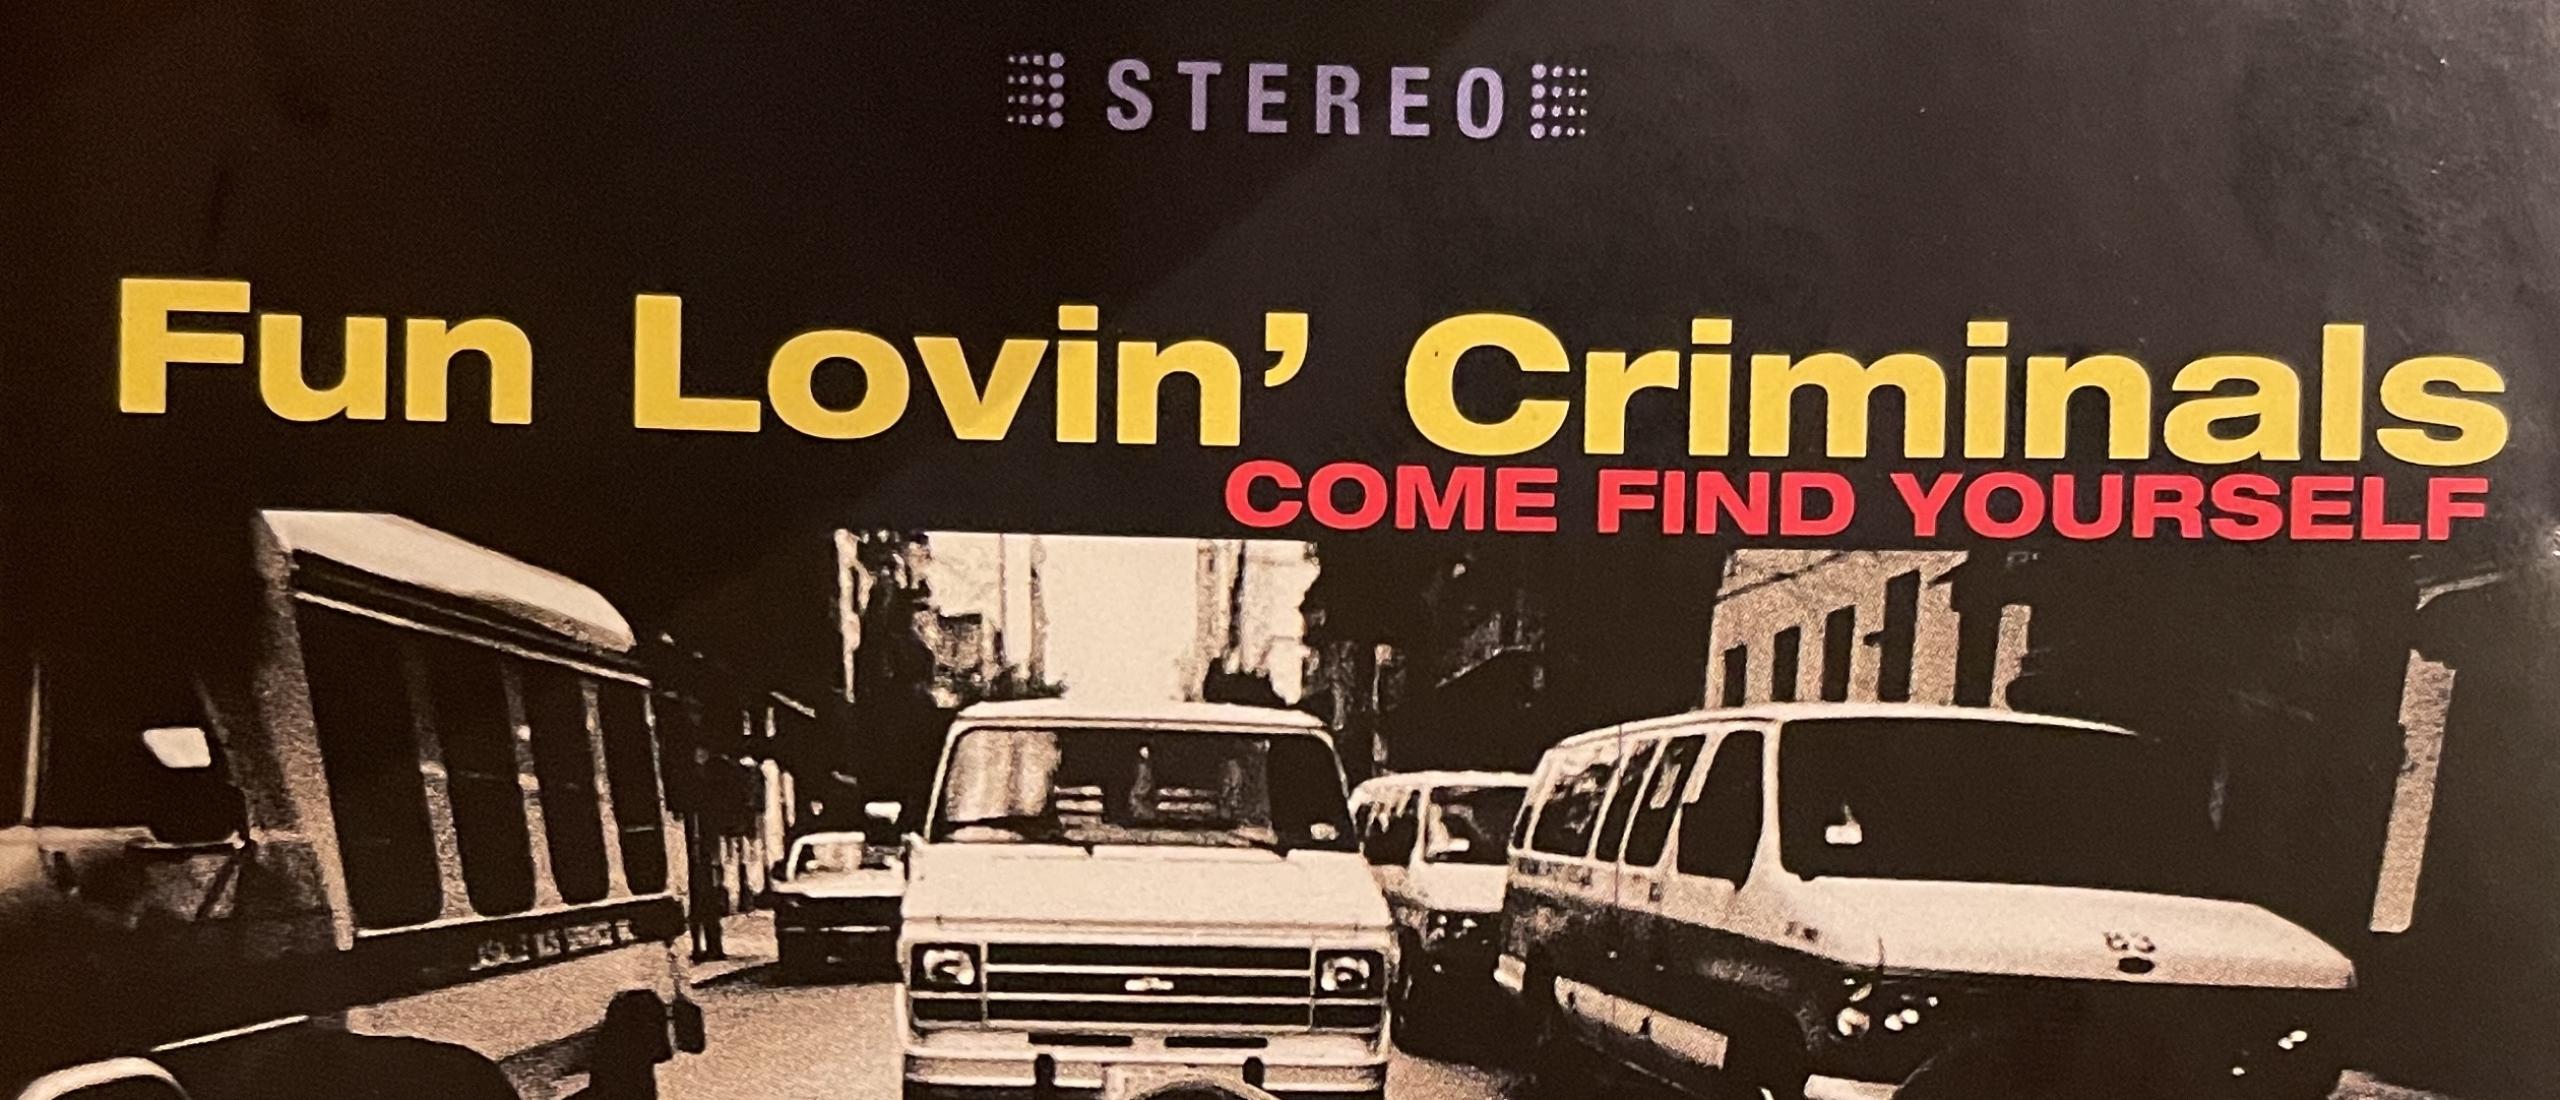 Forgotten Song Friday Fun Lovin' Criminals met Fun Lovin' Criminal